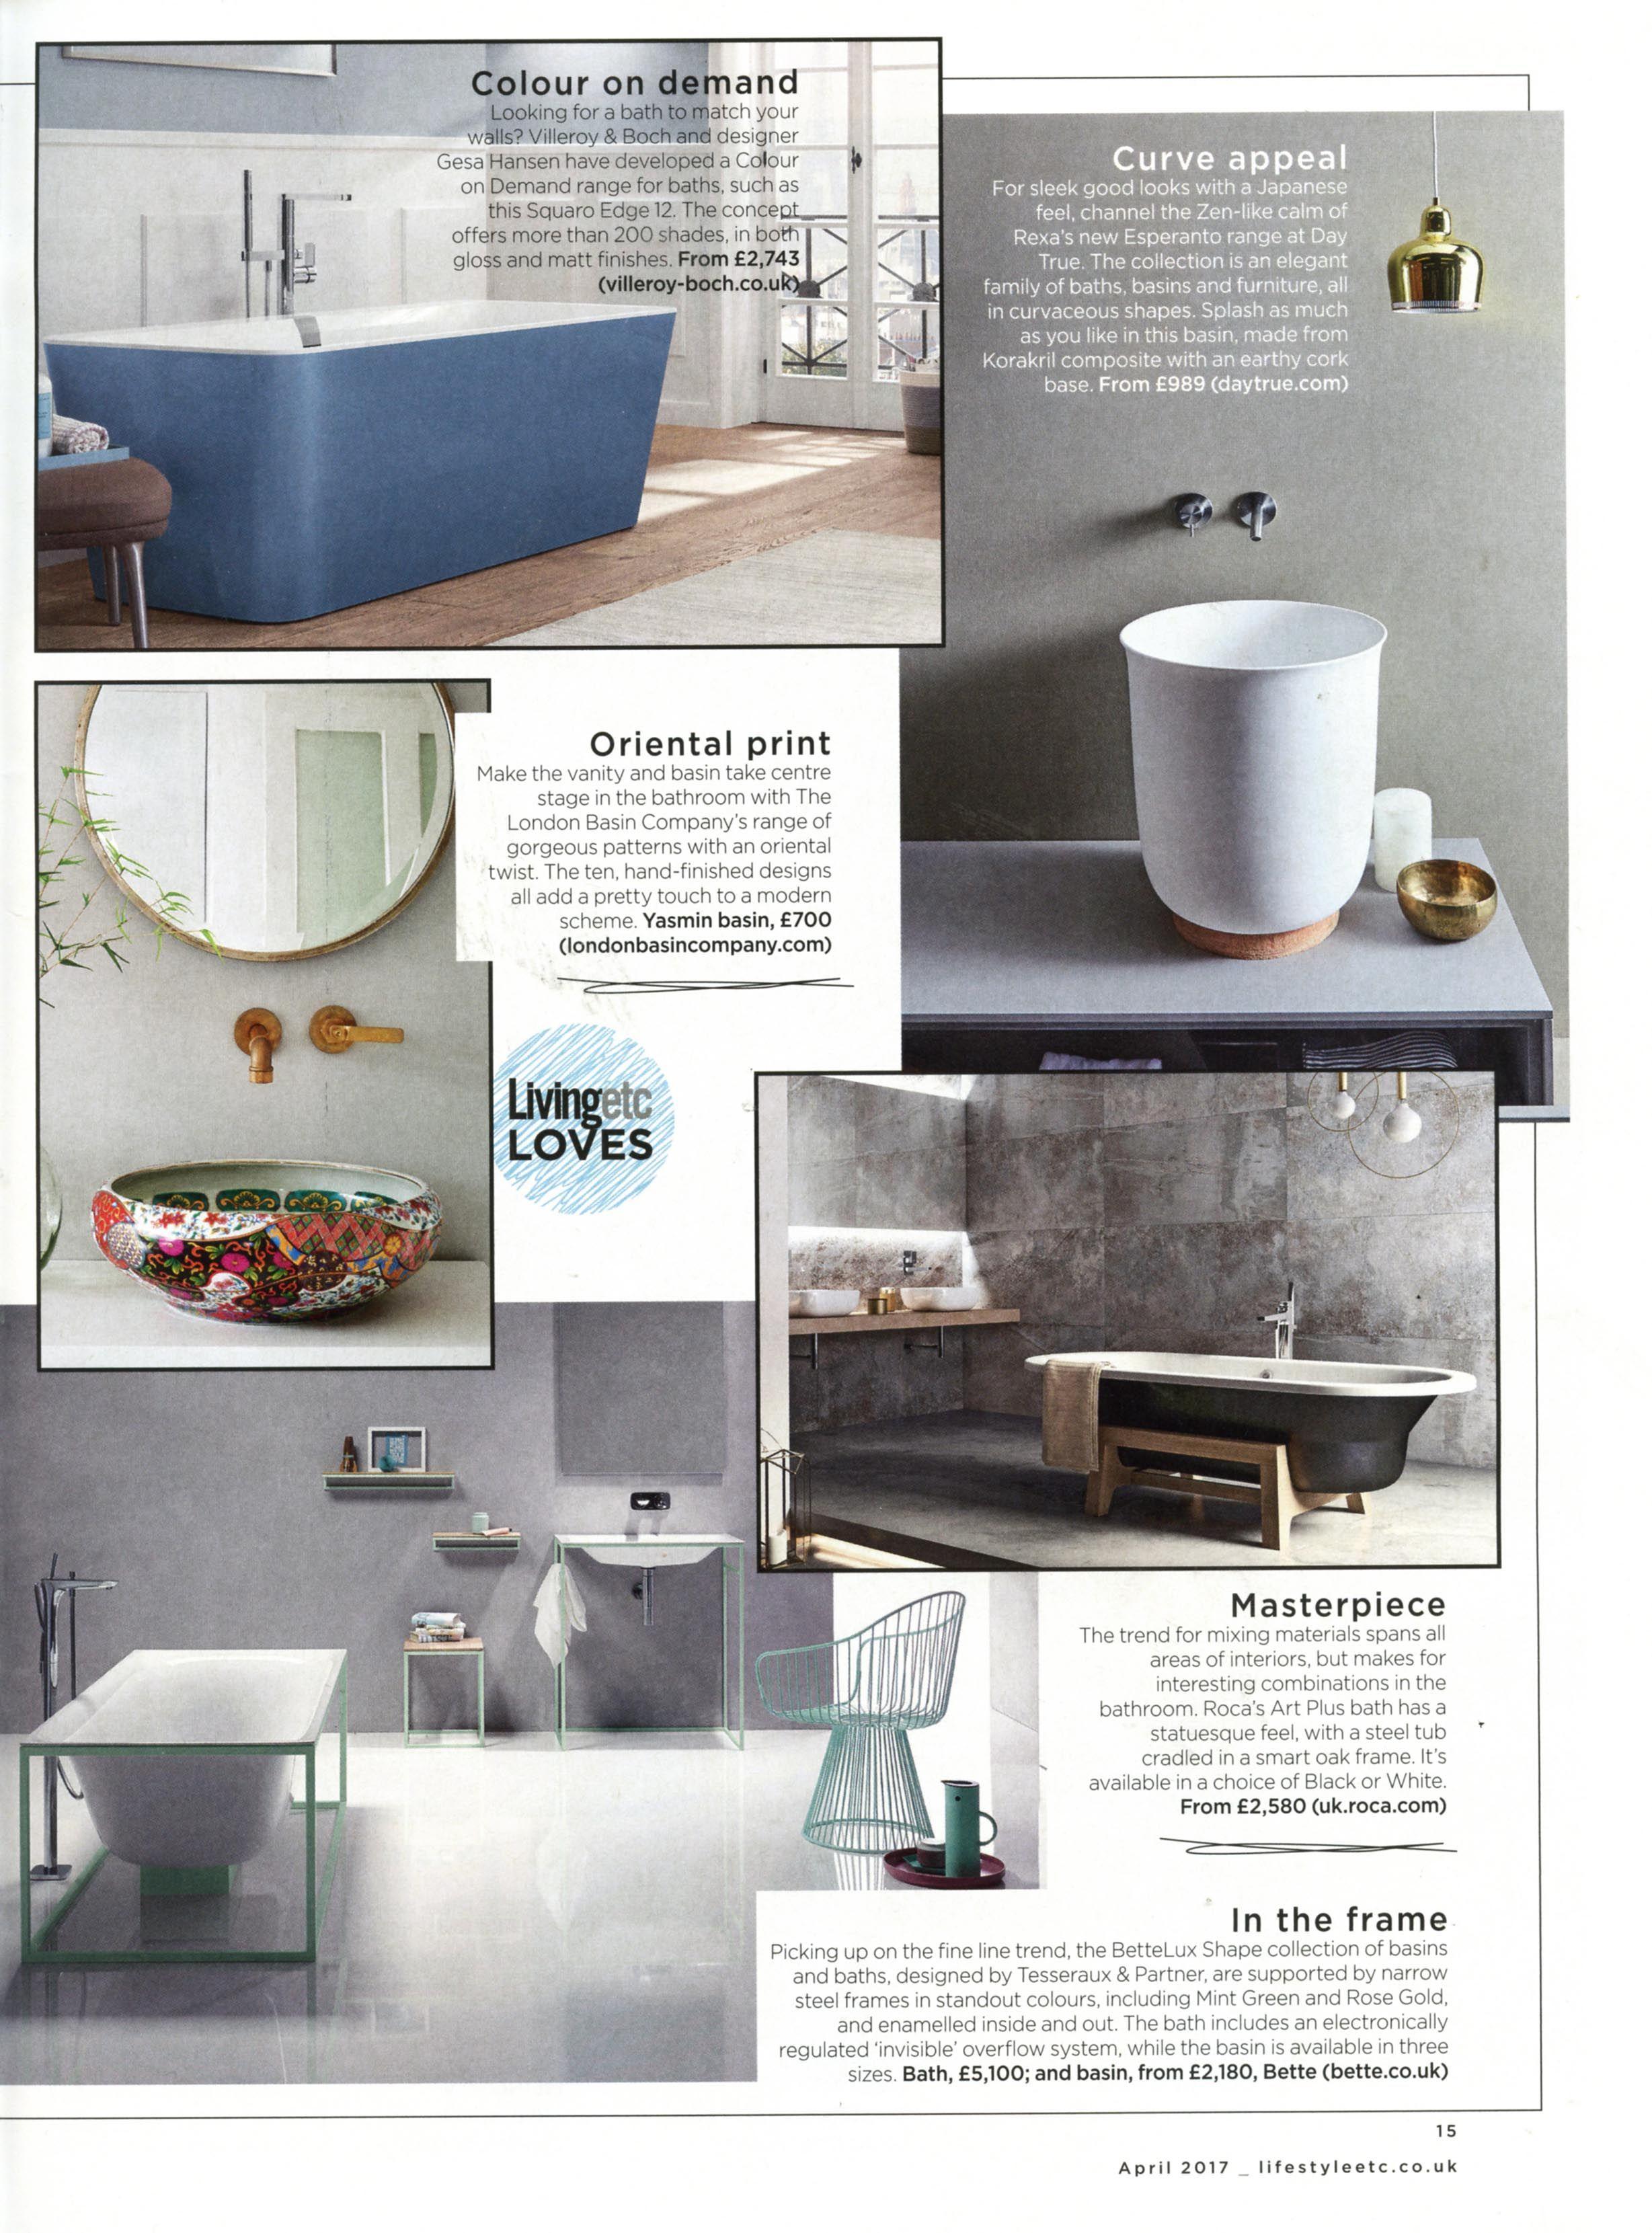 the beautiful yasmin basin from the london basin company. http